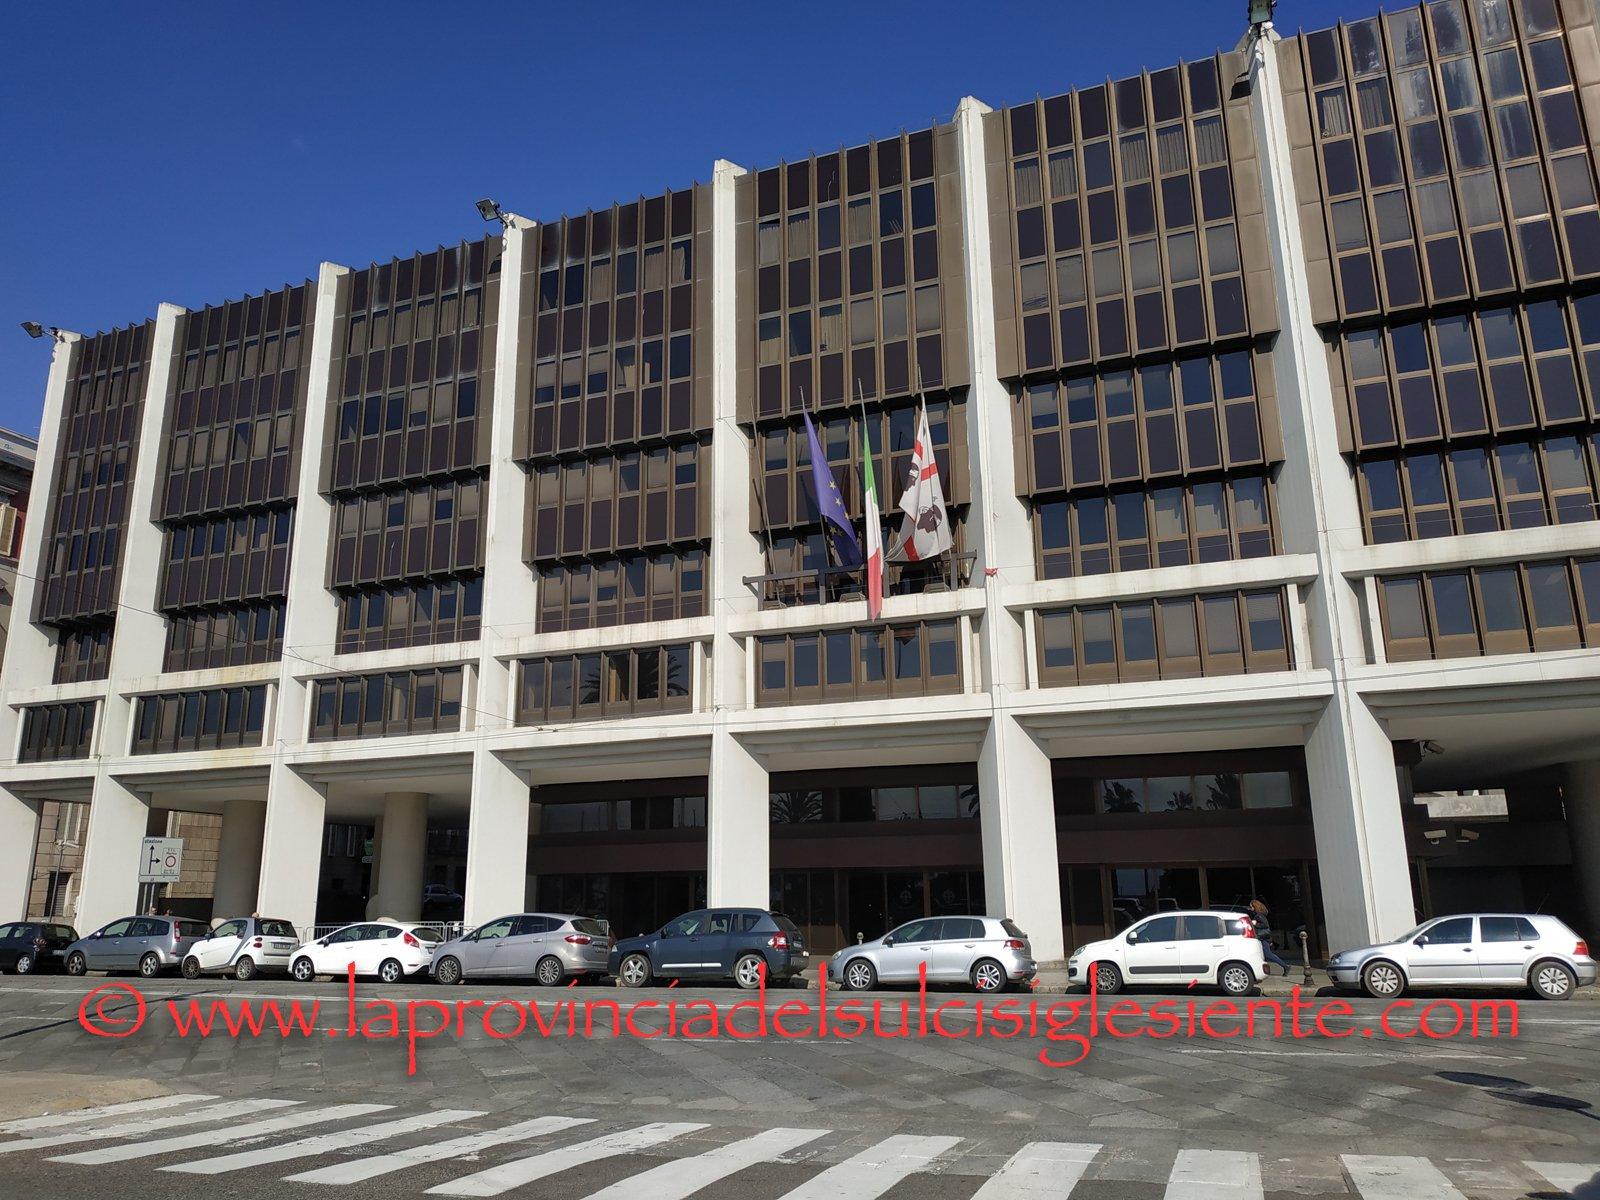 L'opposizione in Consiglio regionale ha presentato un ordine del giorno di censura politica nei confronti dell'assessore dell'Agricoltura, Gabriella Murgia.